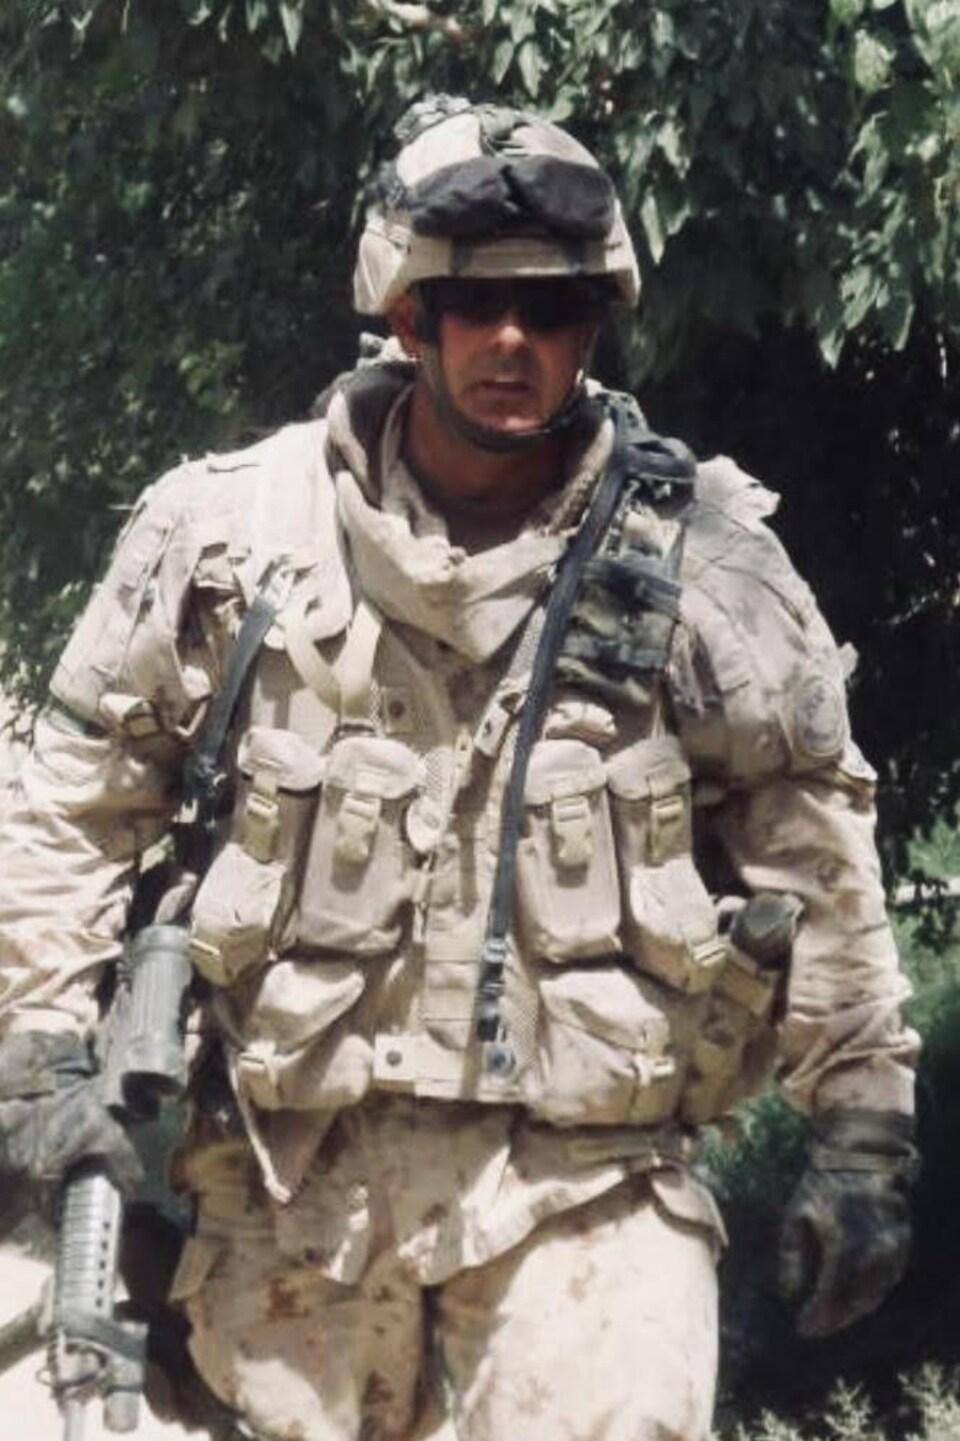 Gino Savard est en habit de camouflage et armé sur le terrain en Afghanistan.